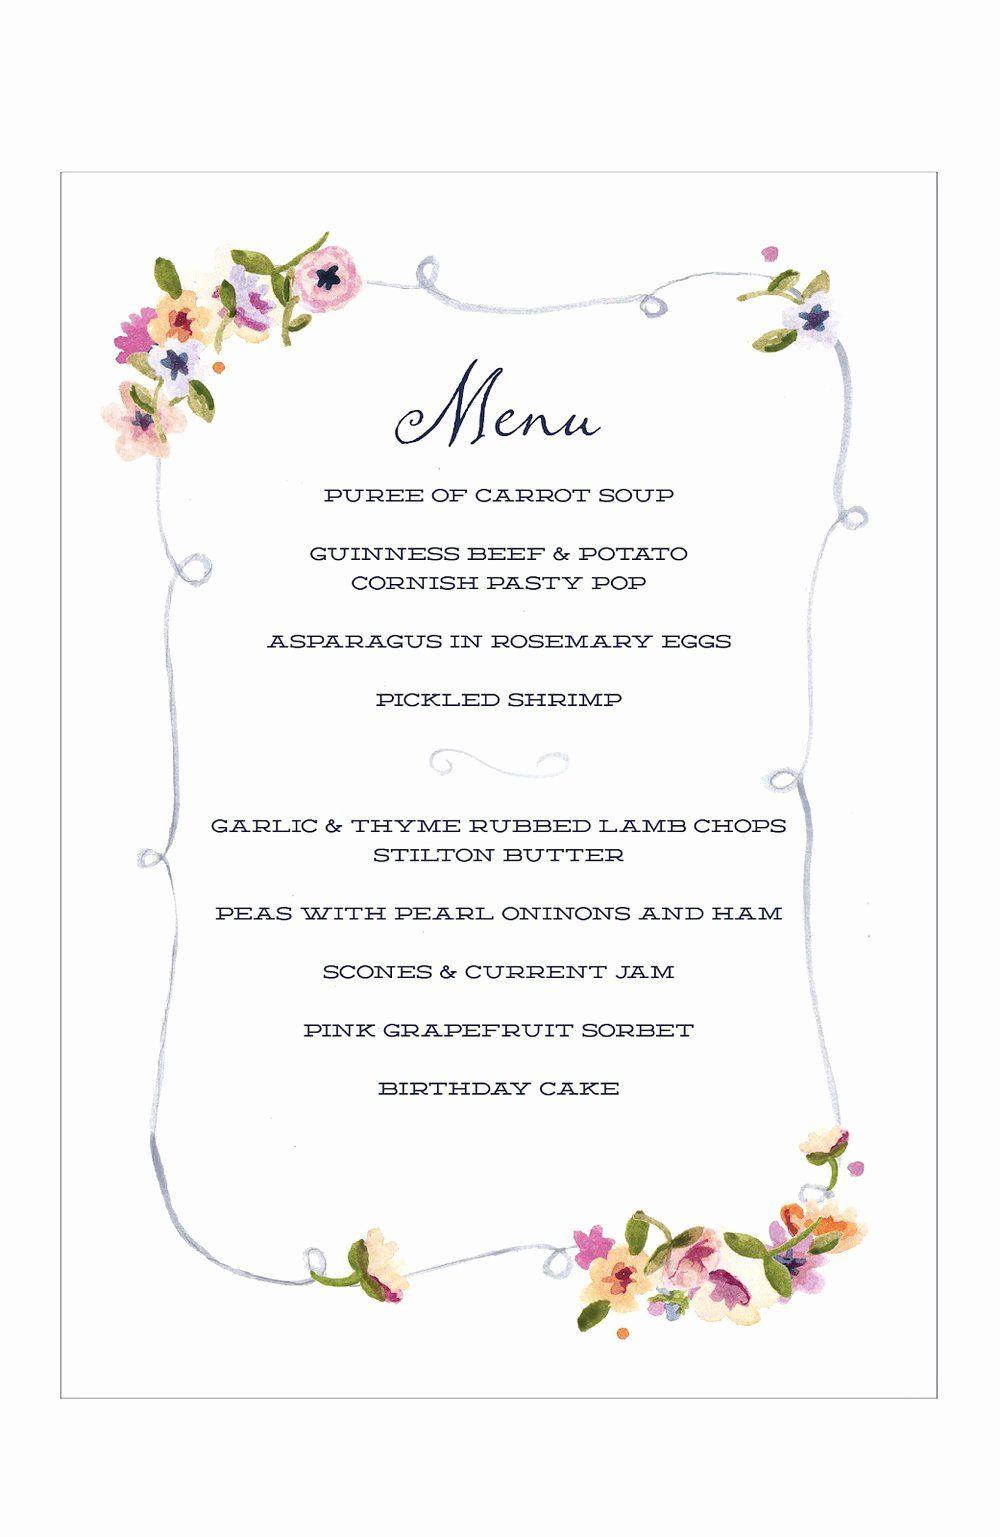 Dinner Menu Template Free Luxury Tea Party Menu Template Free Templates Tea Party Menu Party Menu Dinner Party Menu